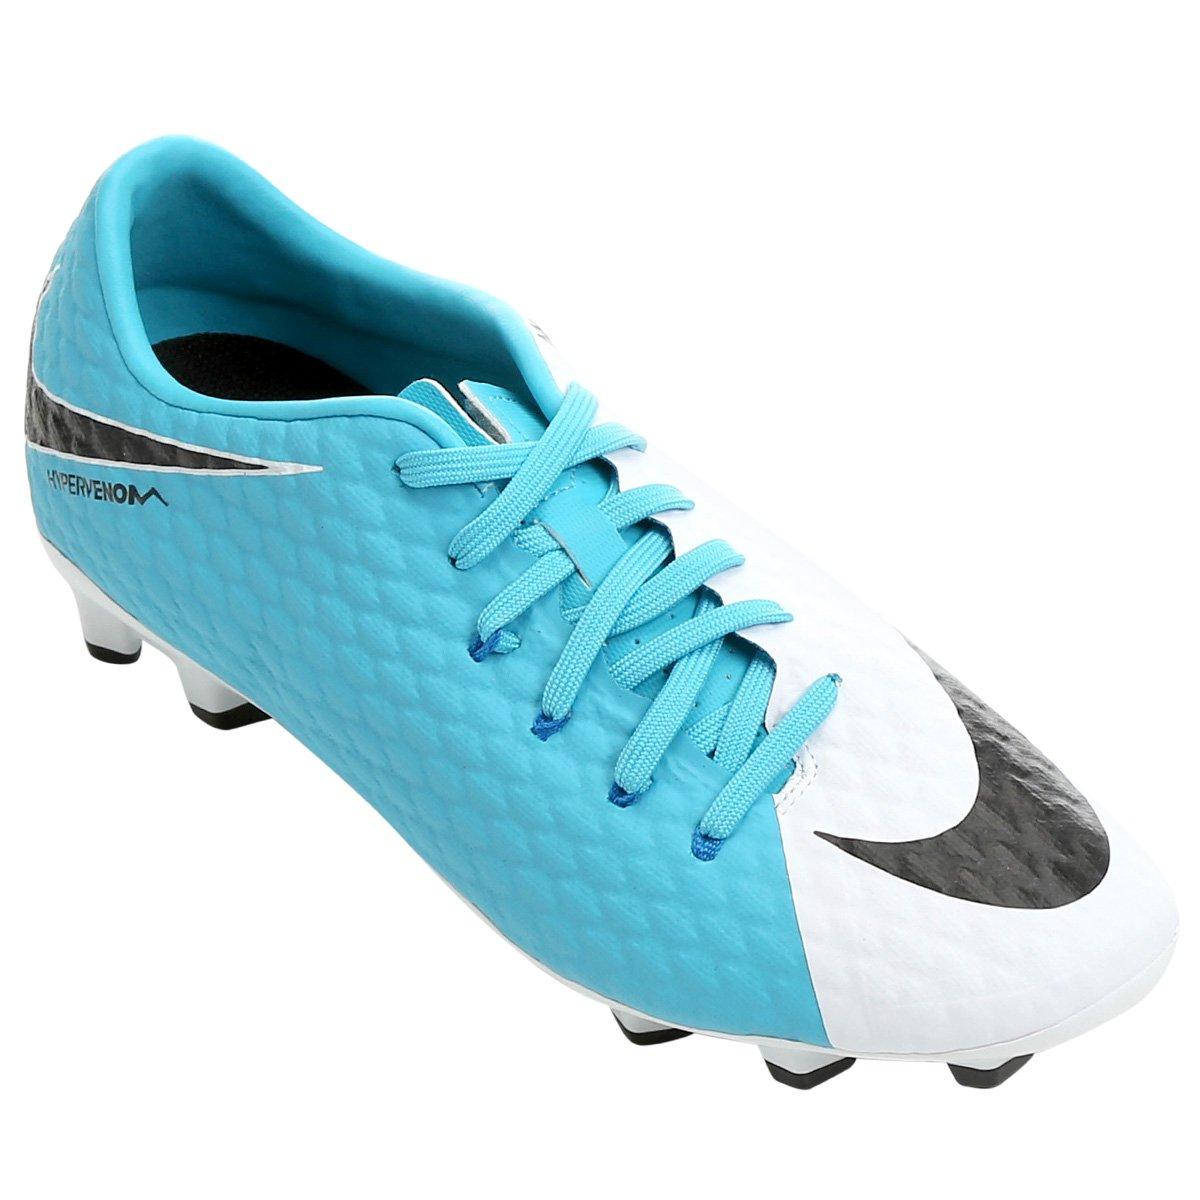 06eb8d1d168a7 Chuteira Campo Nike Hypervenom Phelon 3 FG - Compre Agora